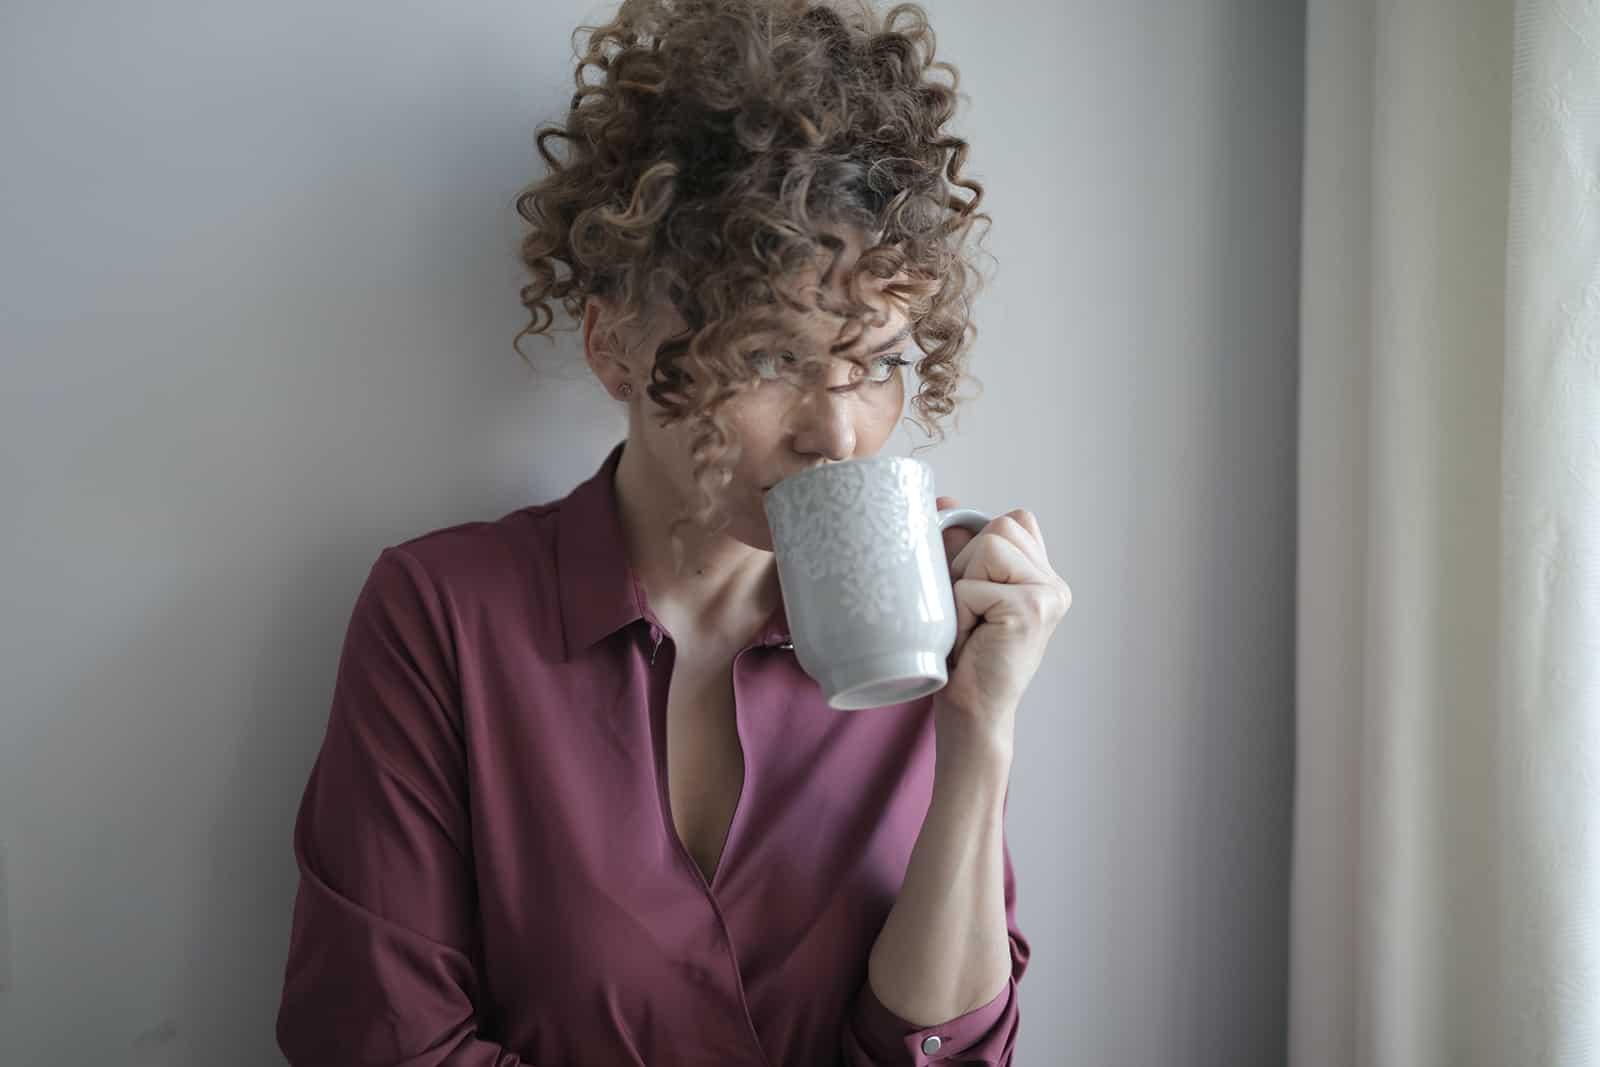 eine einsame Frau, die Kaffee trinkt und sich an die Wand lehnt